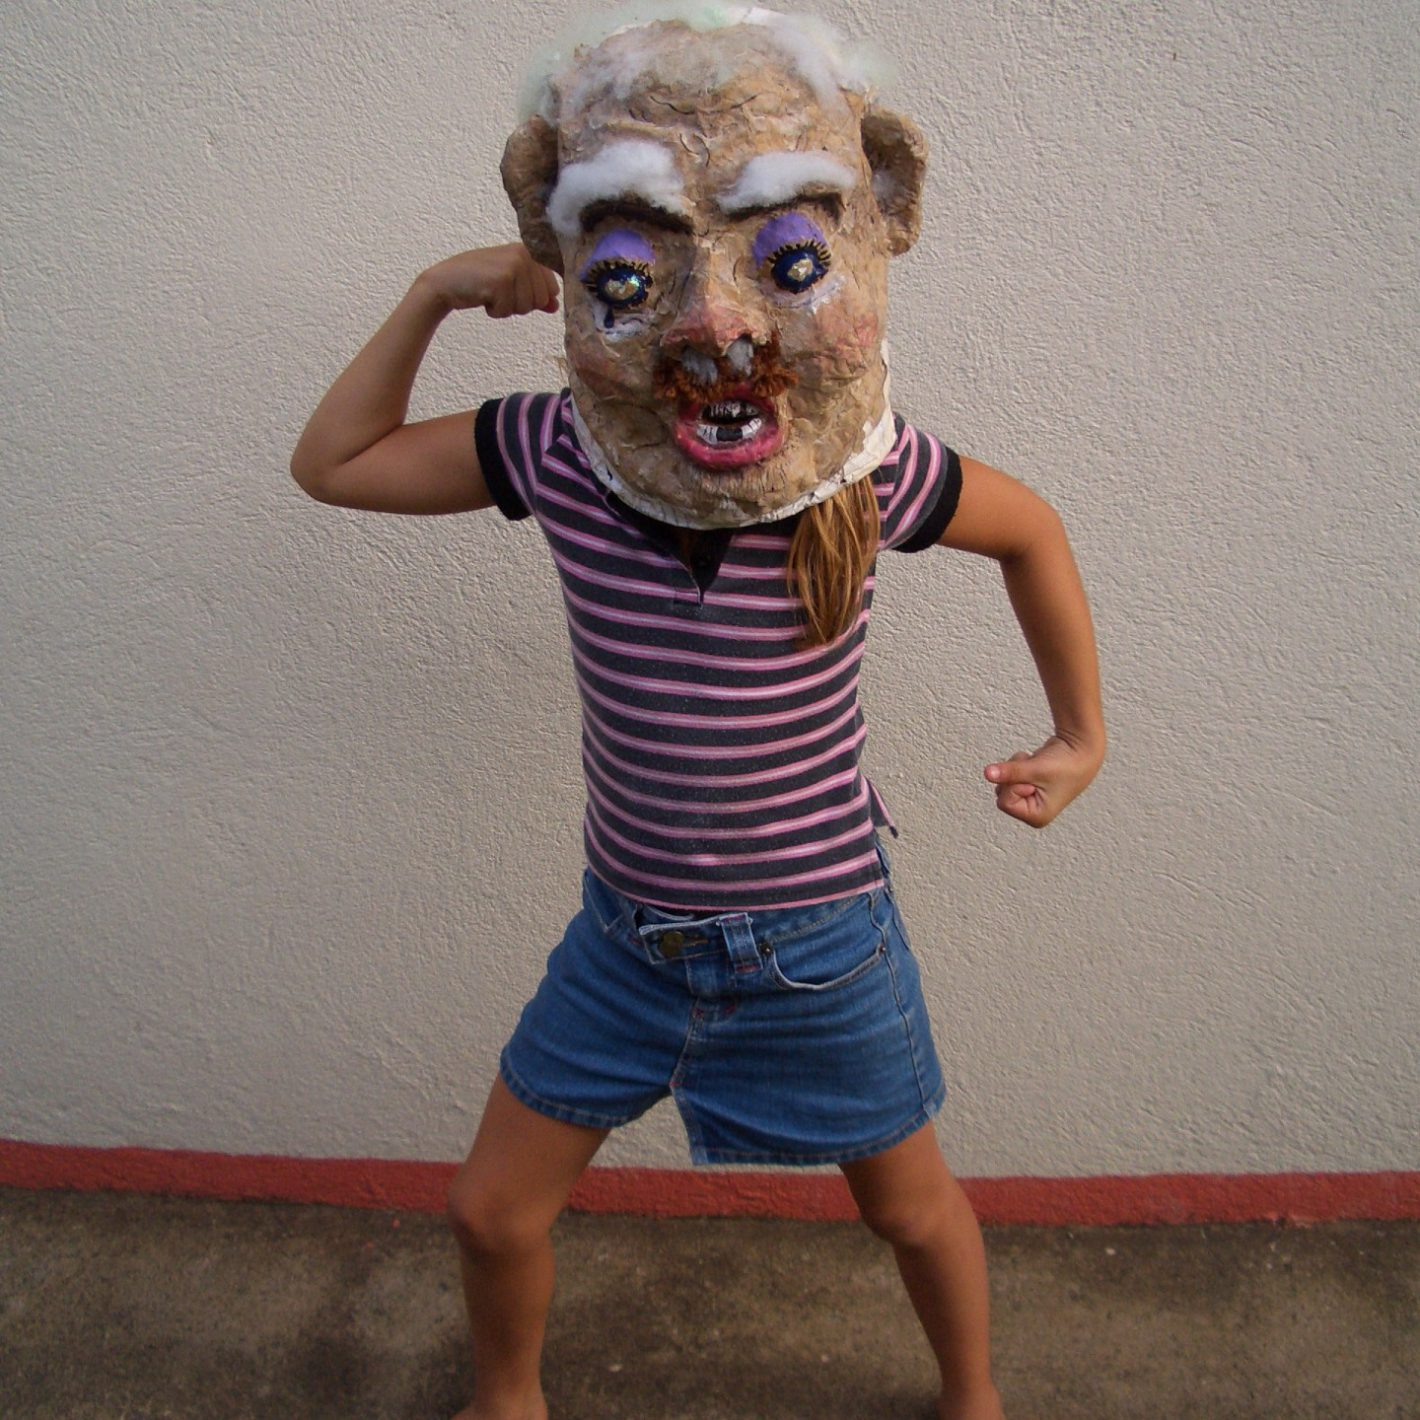 Kind mit Maske, by Lucy Toner (publicdomainpictures.net)